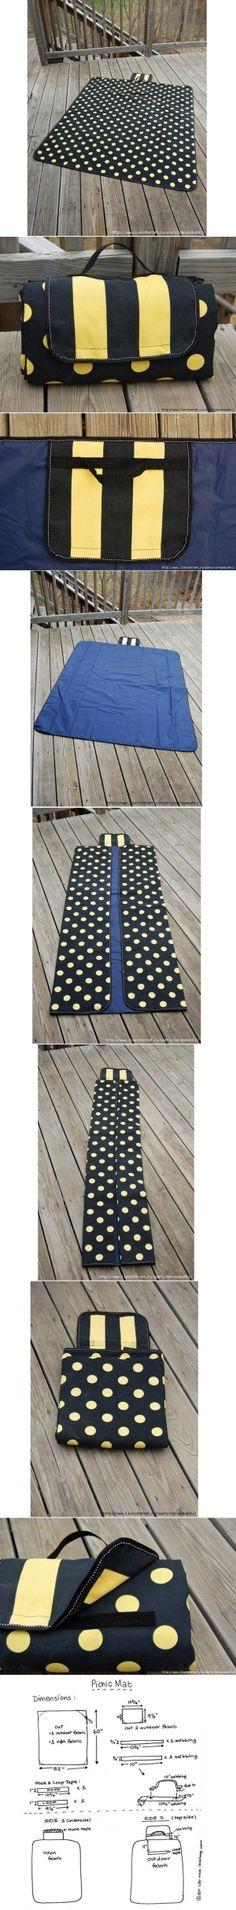 DIY Picnic Mat DIY Picnic Mat by diyforever